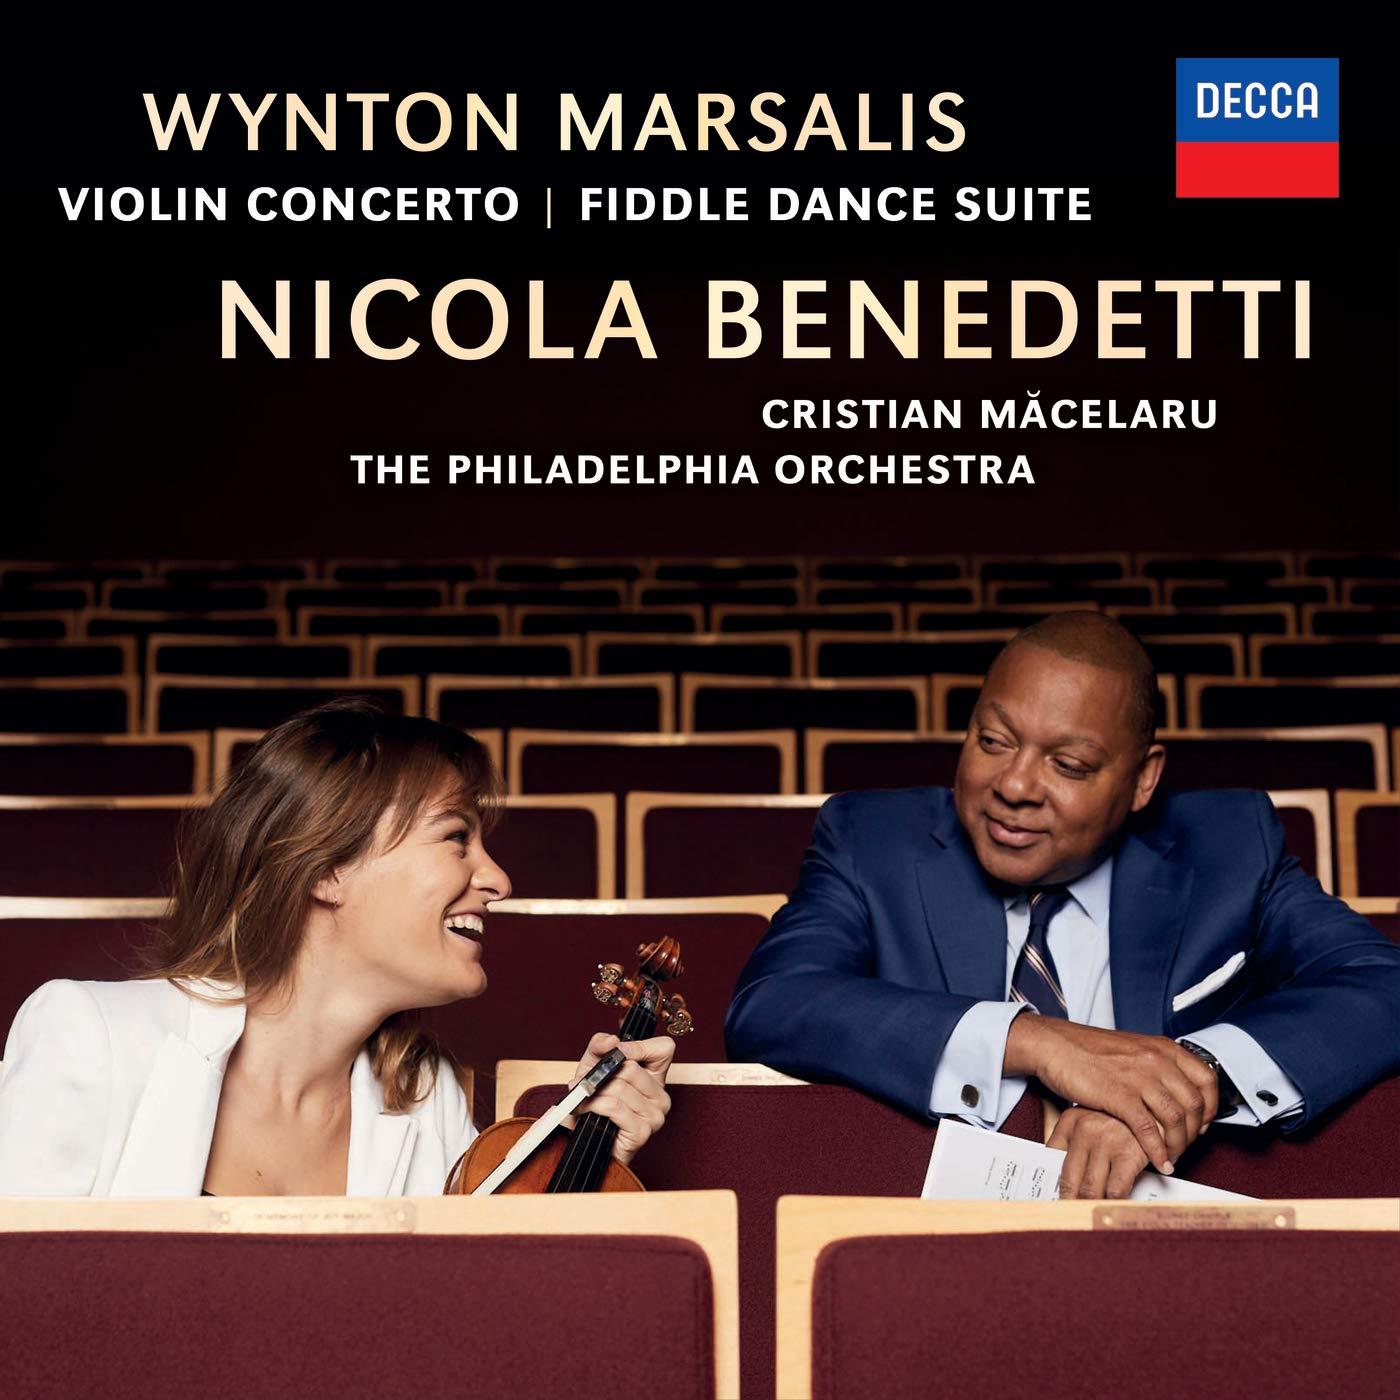 Wynton Marsalis: Violin Concerto / Fiddle Dance Suite